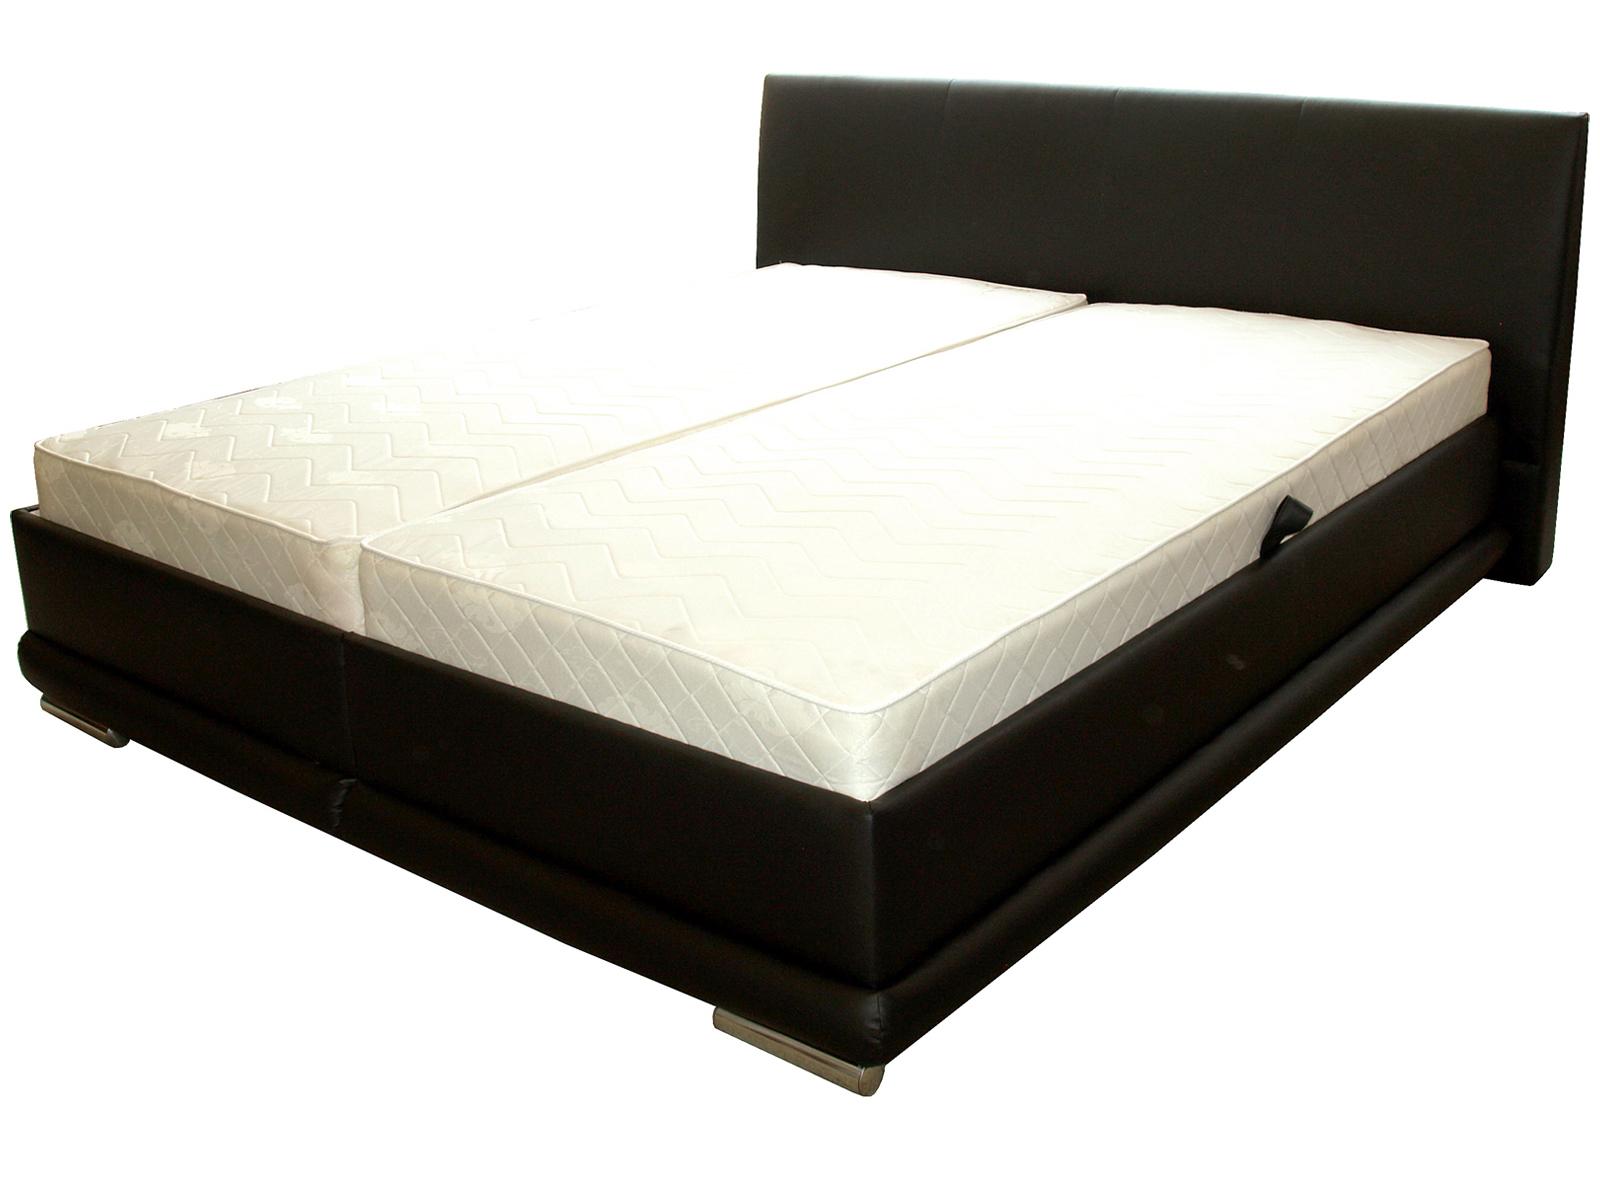 Manželská postel 180 cm - Benab - Marbella 2 (s rošty)